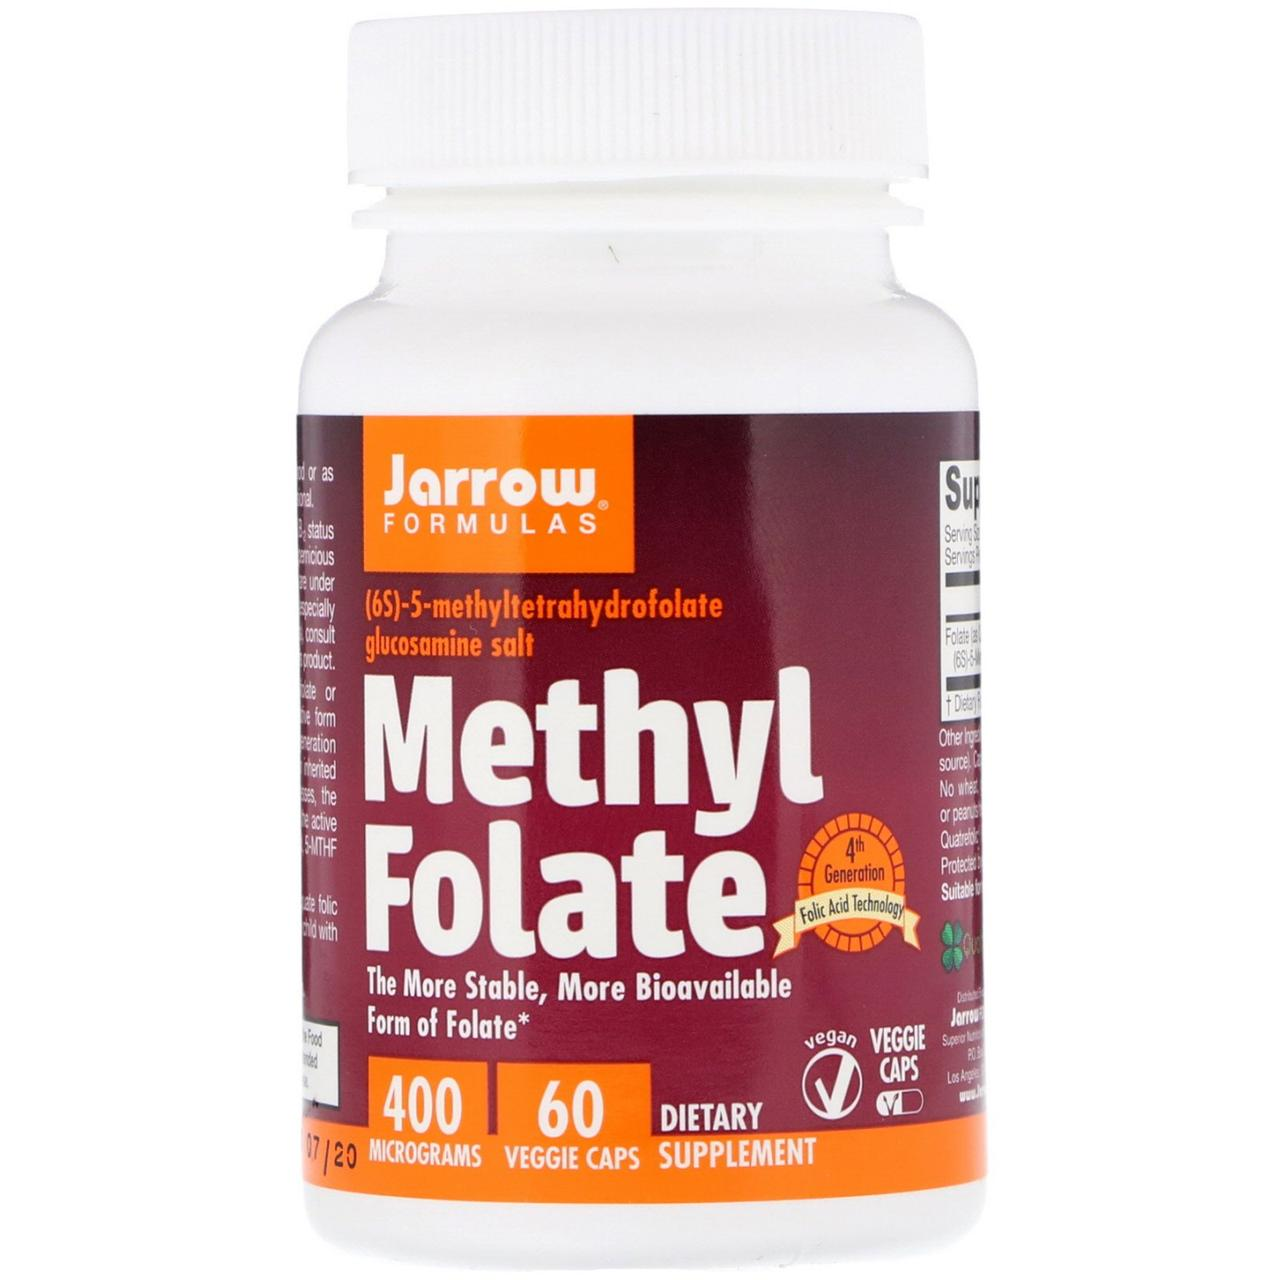 Метилфолат, фолиевая кислота, 400 мкг, 60 вегетарианских капсул, Jarrow Formulas